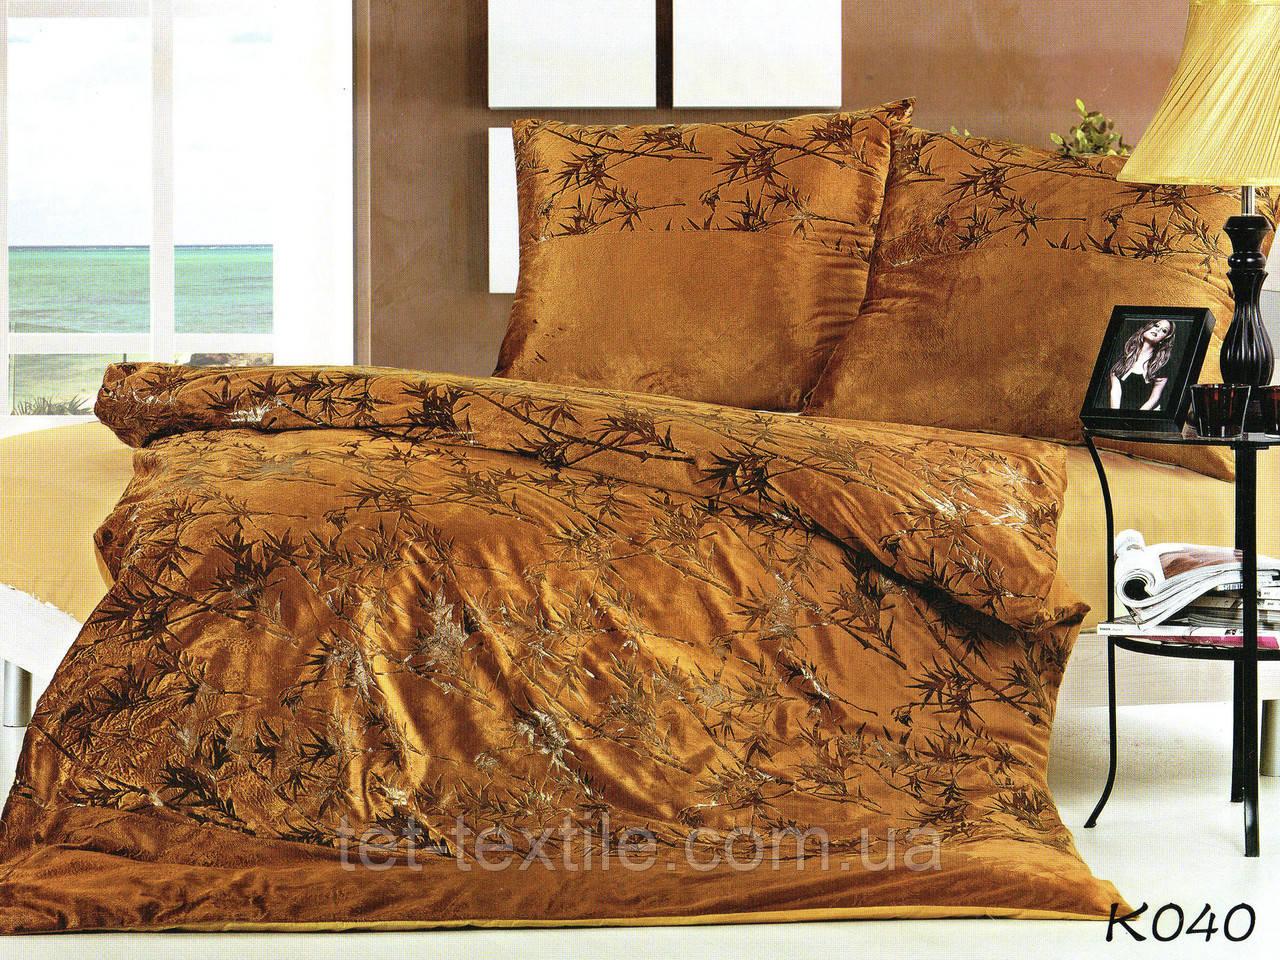 Комплект постельного белья из сатина и микрофибры 160х220